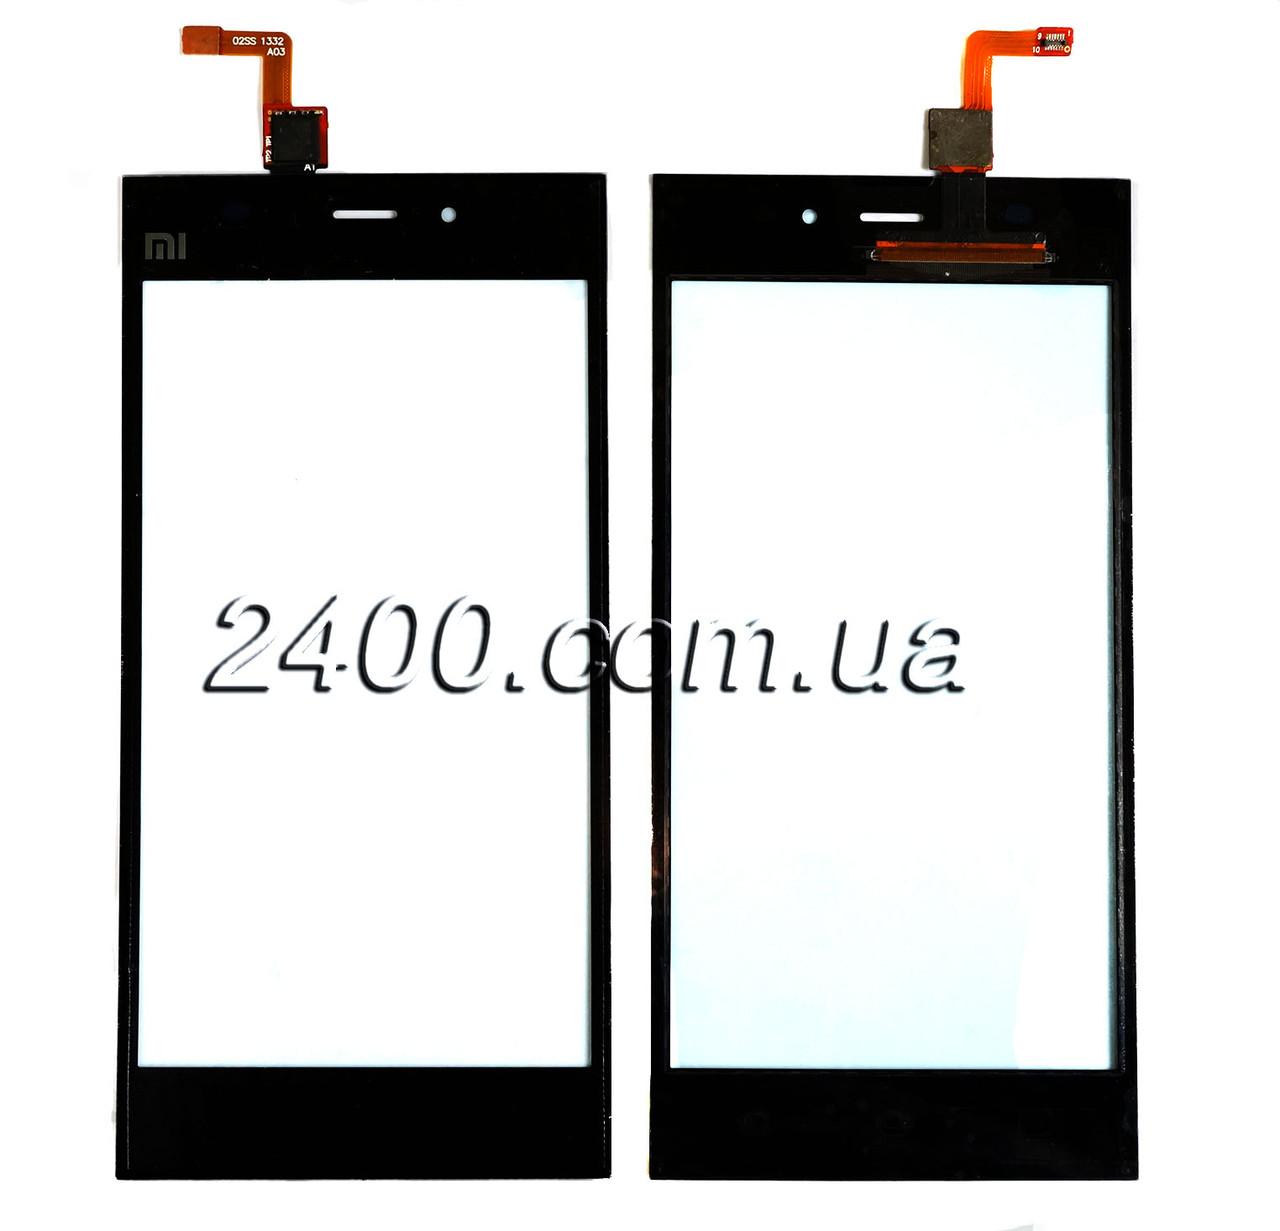 Тачскрин Xiaomi Mi3 (сенсор) - touchscreen для телефонов Xiaomi Mi 3 (Ксиоми Ми3) черный (black)